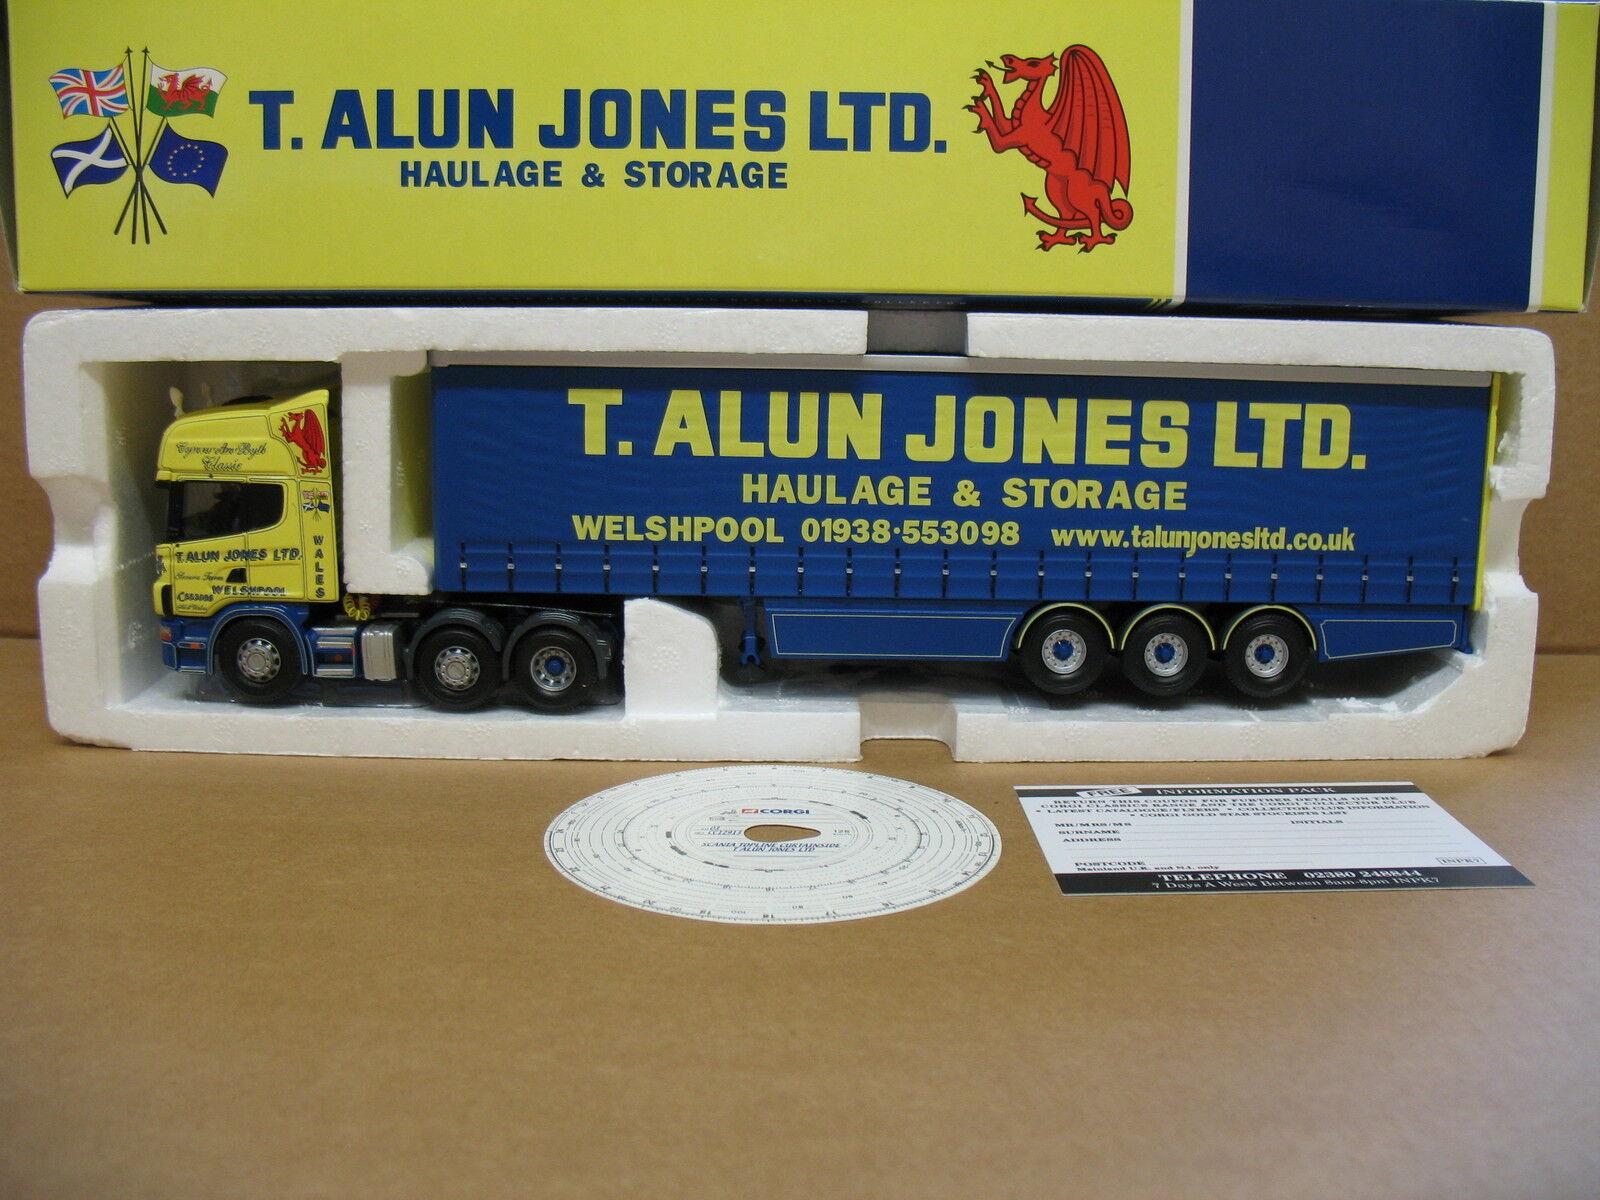 CORGI 1 50 SCALA CC12913-Scania Topline CURTAINSIDE-T ALUN Jones Ltd